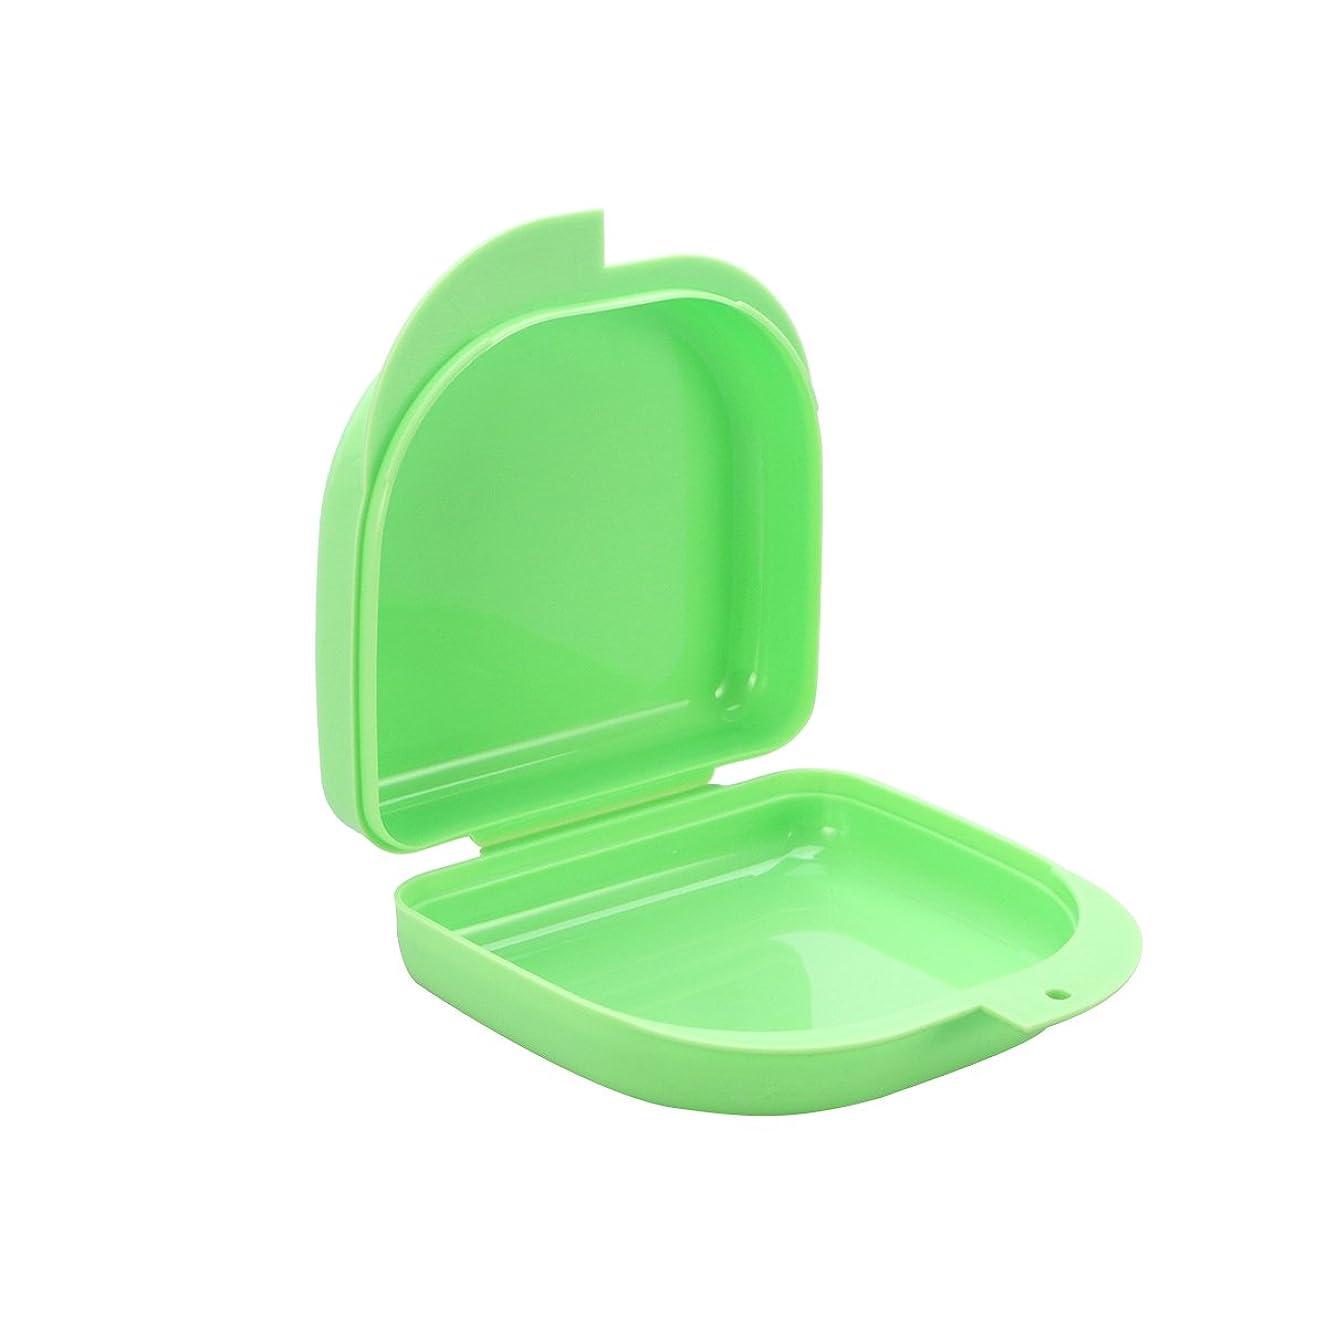 ハイキング恐竜感心するROSENICE 義歯ケース口ガードケース義歯ボックス義歯収納容器(緑)